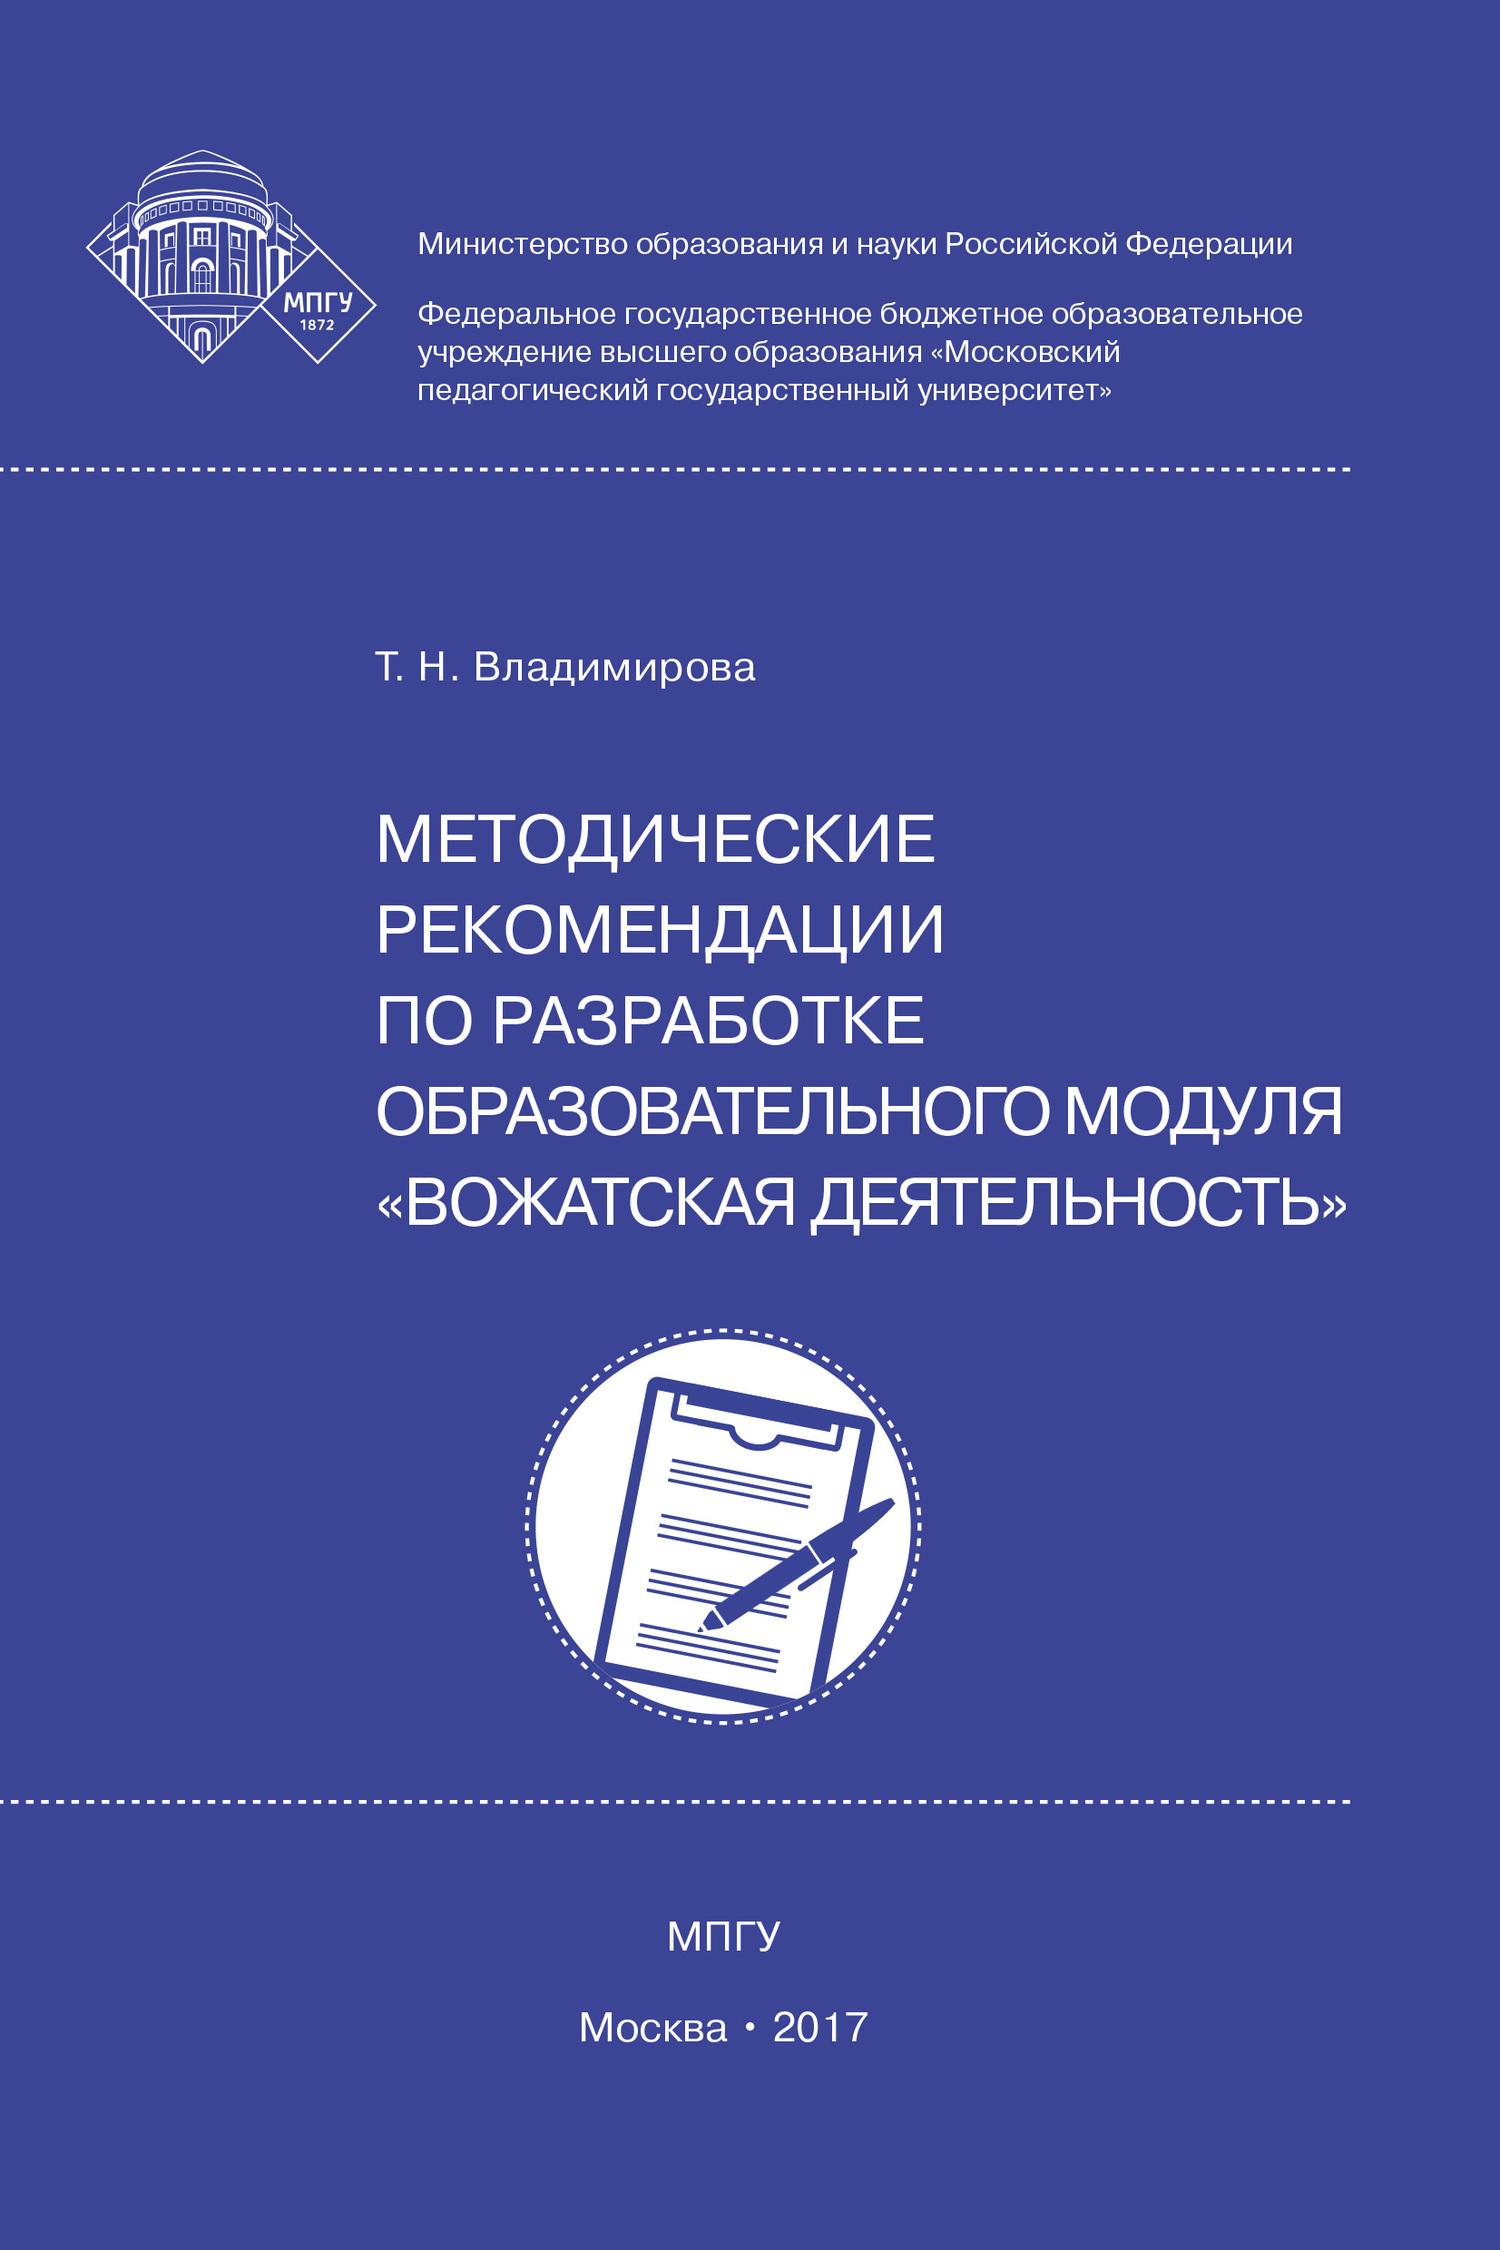 Методические рекомендации по разработке образовательного модуля вожатская деятельность